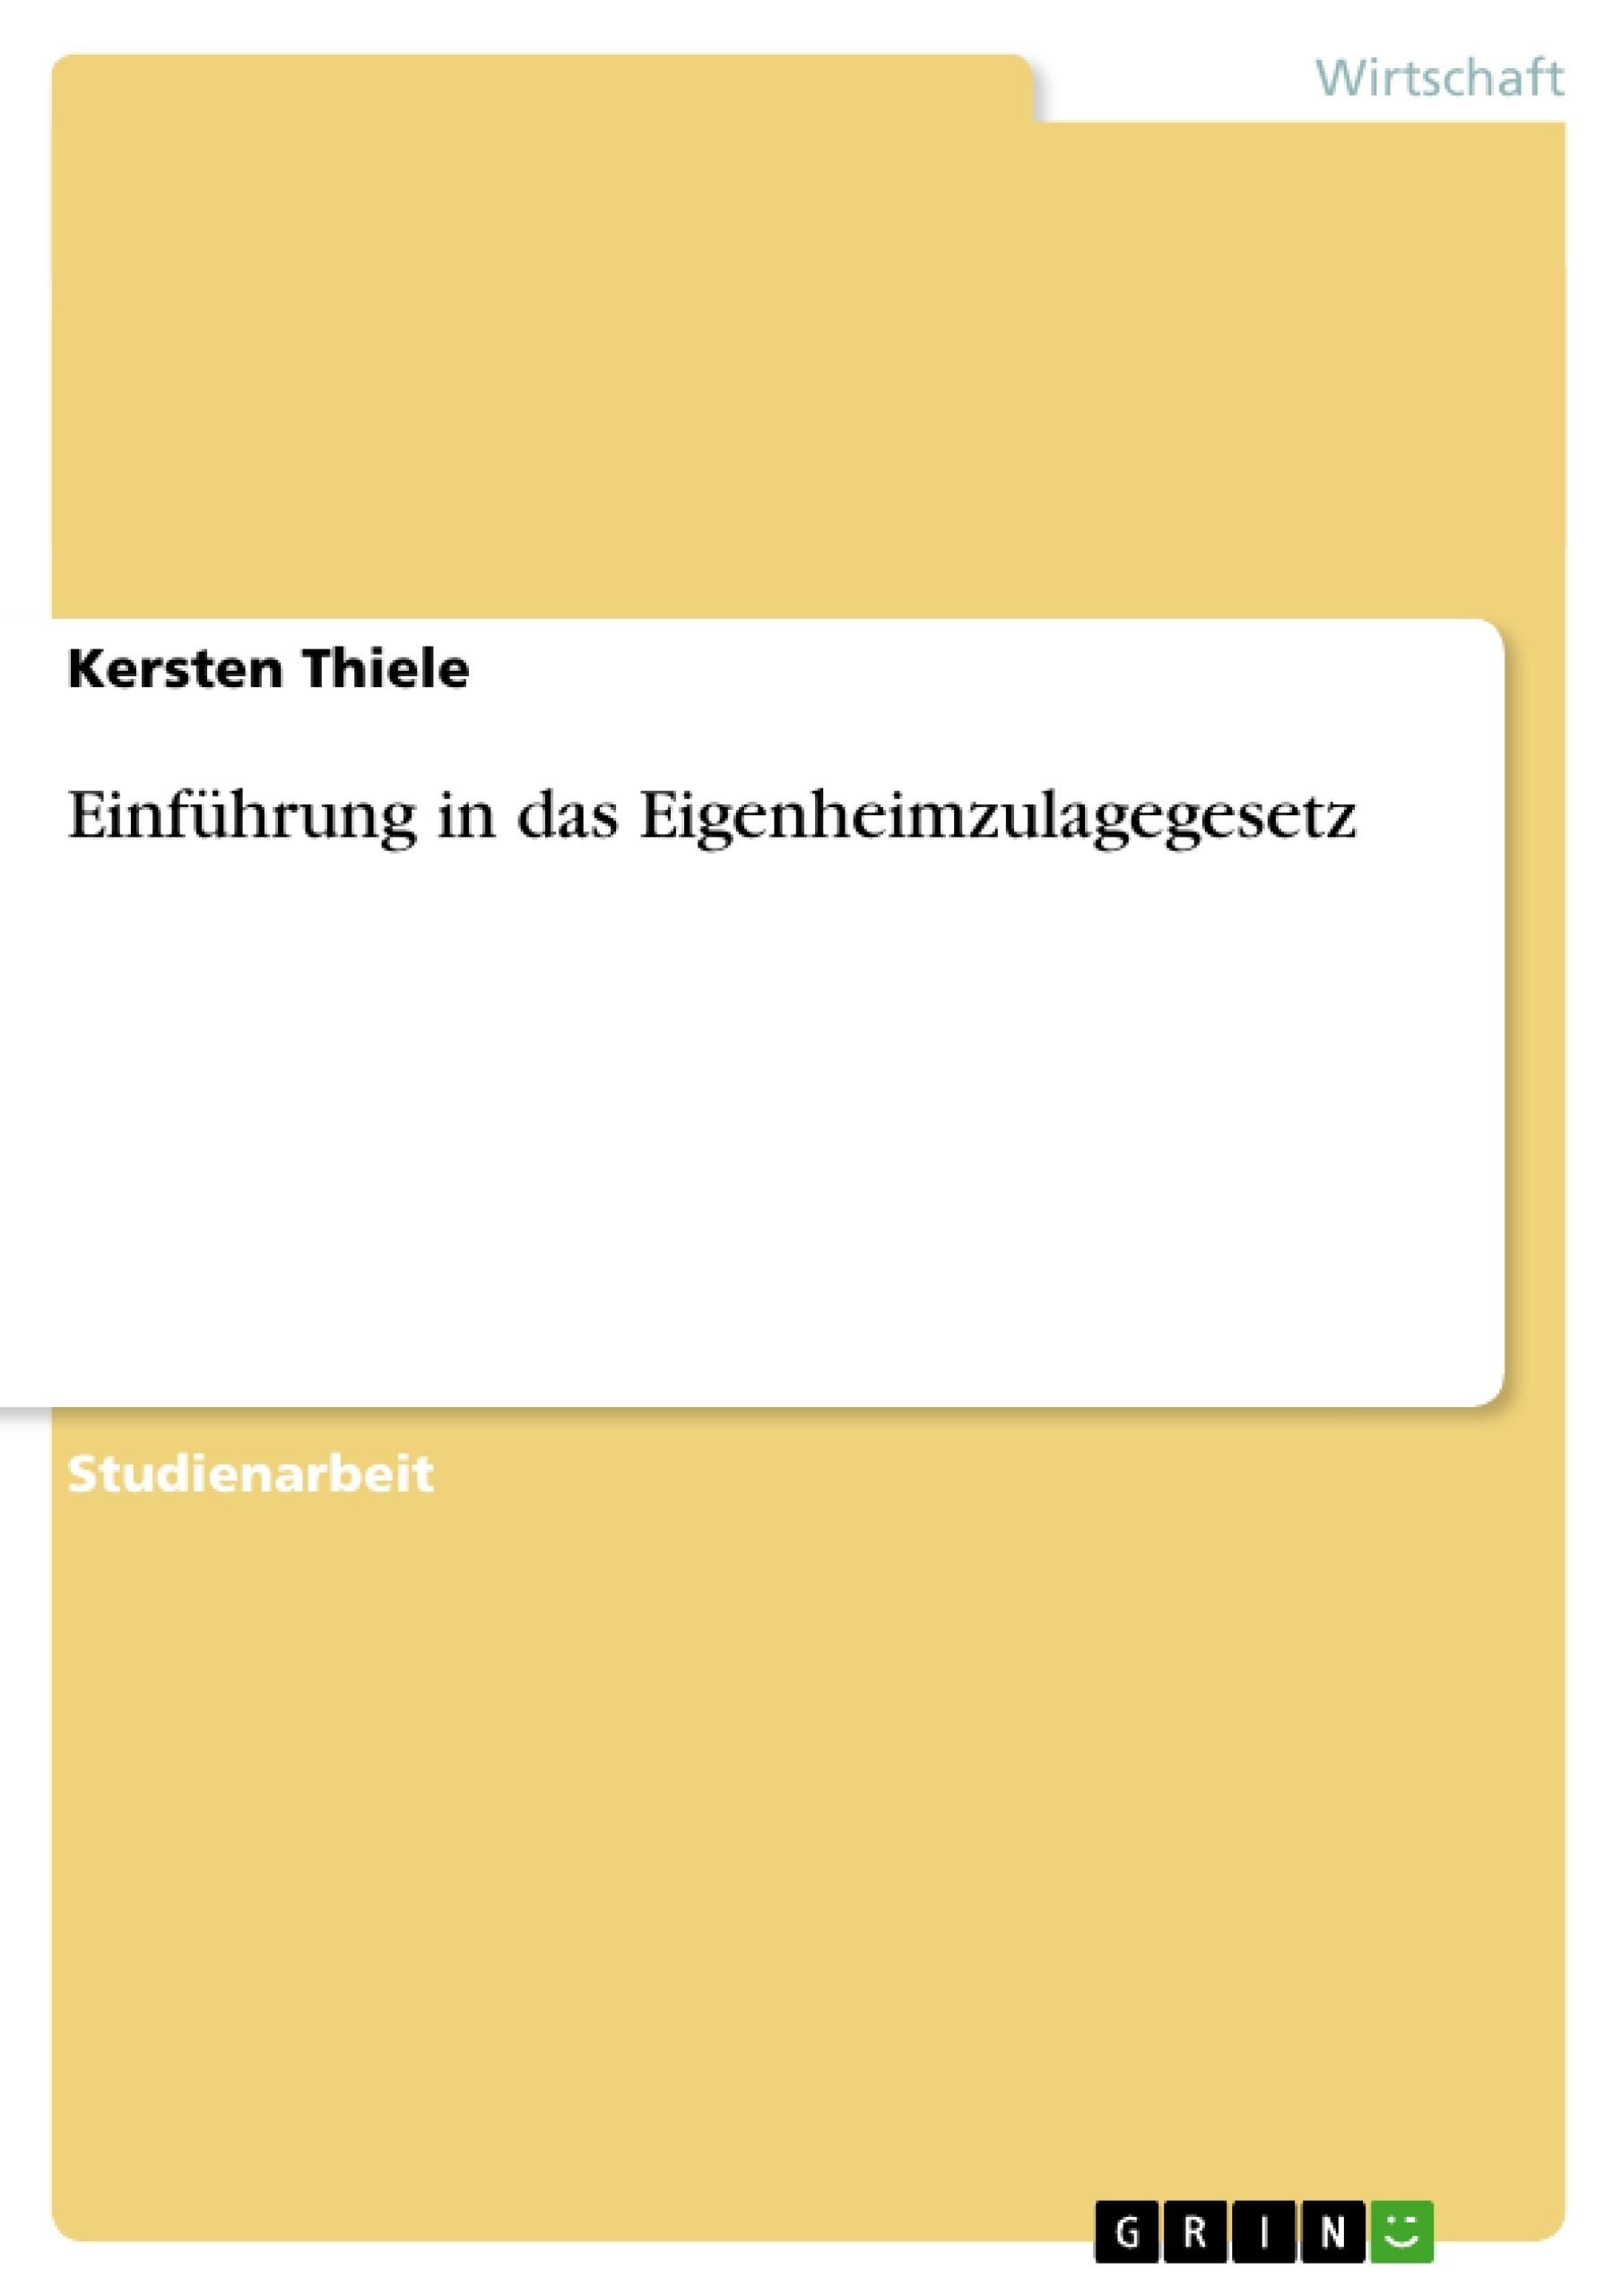 Titel: Einführung in das Eigenheimzulagegesetz